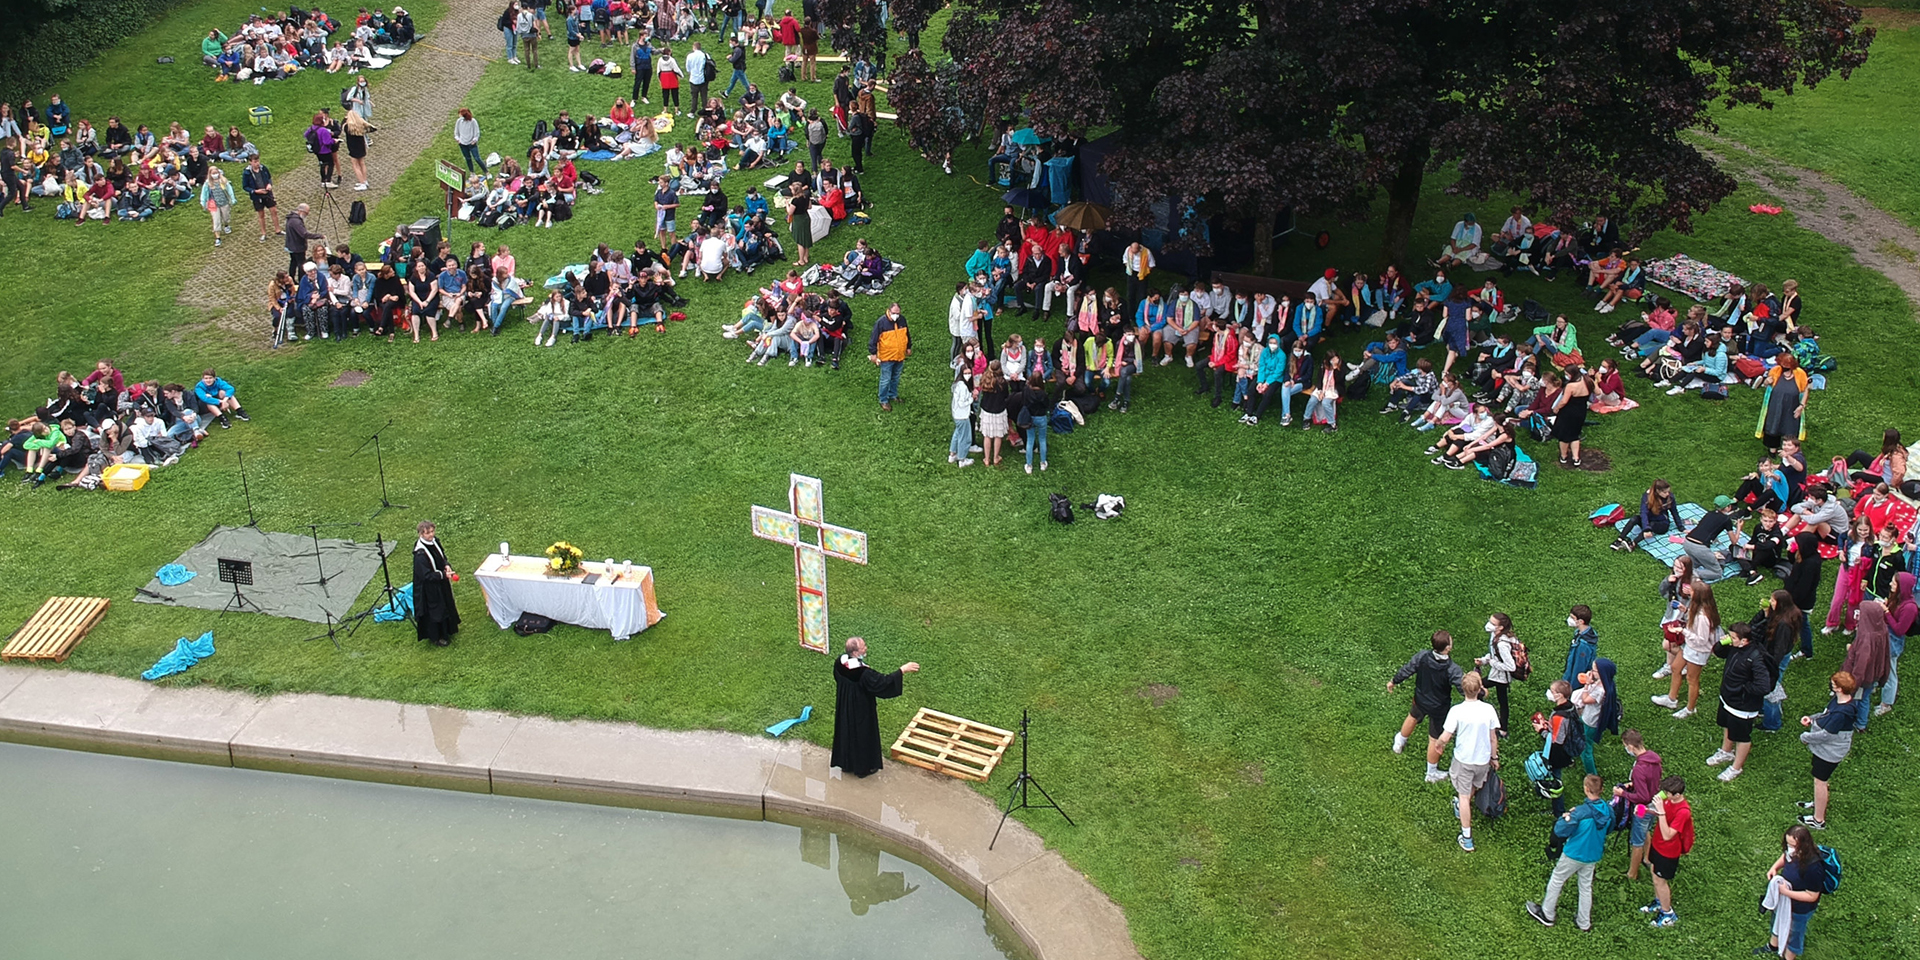 Konfi-Gottesdienst open air in Haunstetten